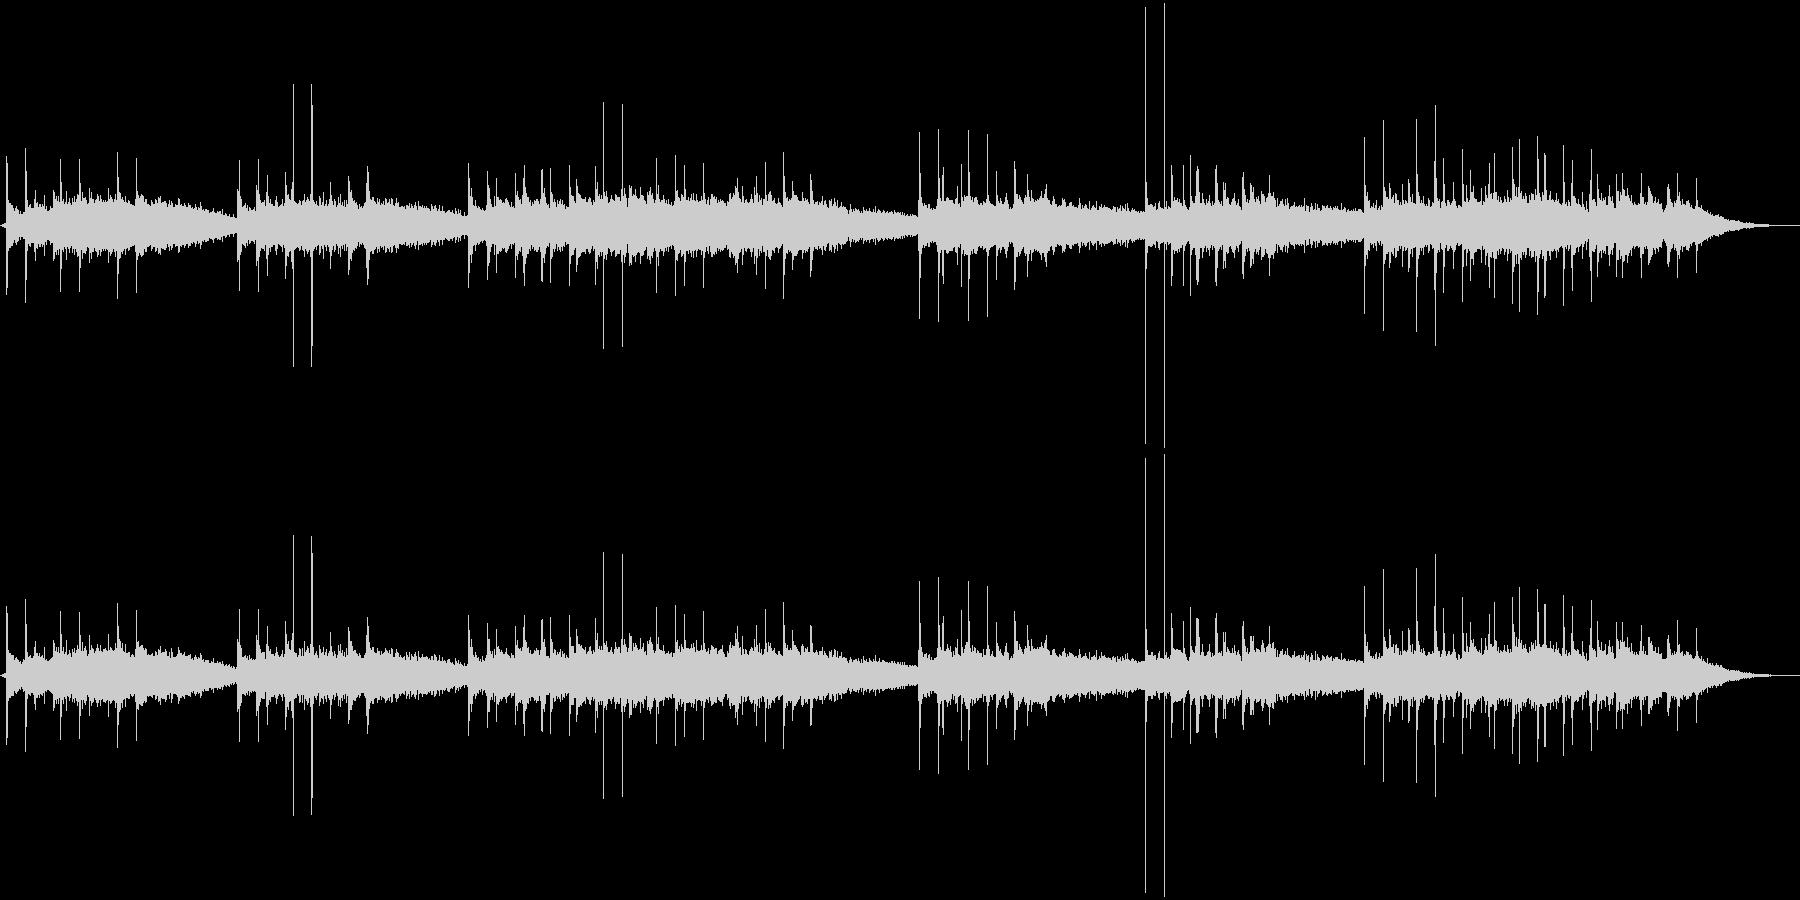 カリンバにエフェクトをかけた、ふわふわ…の未再生の波形